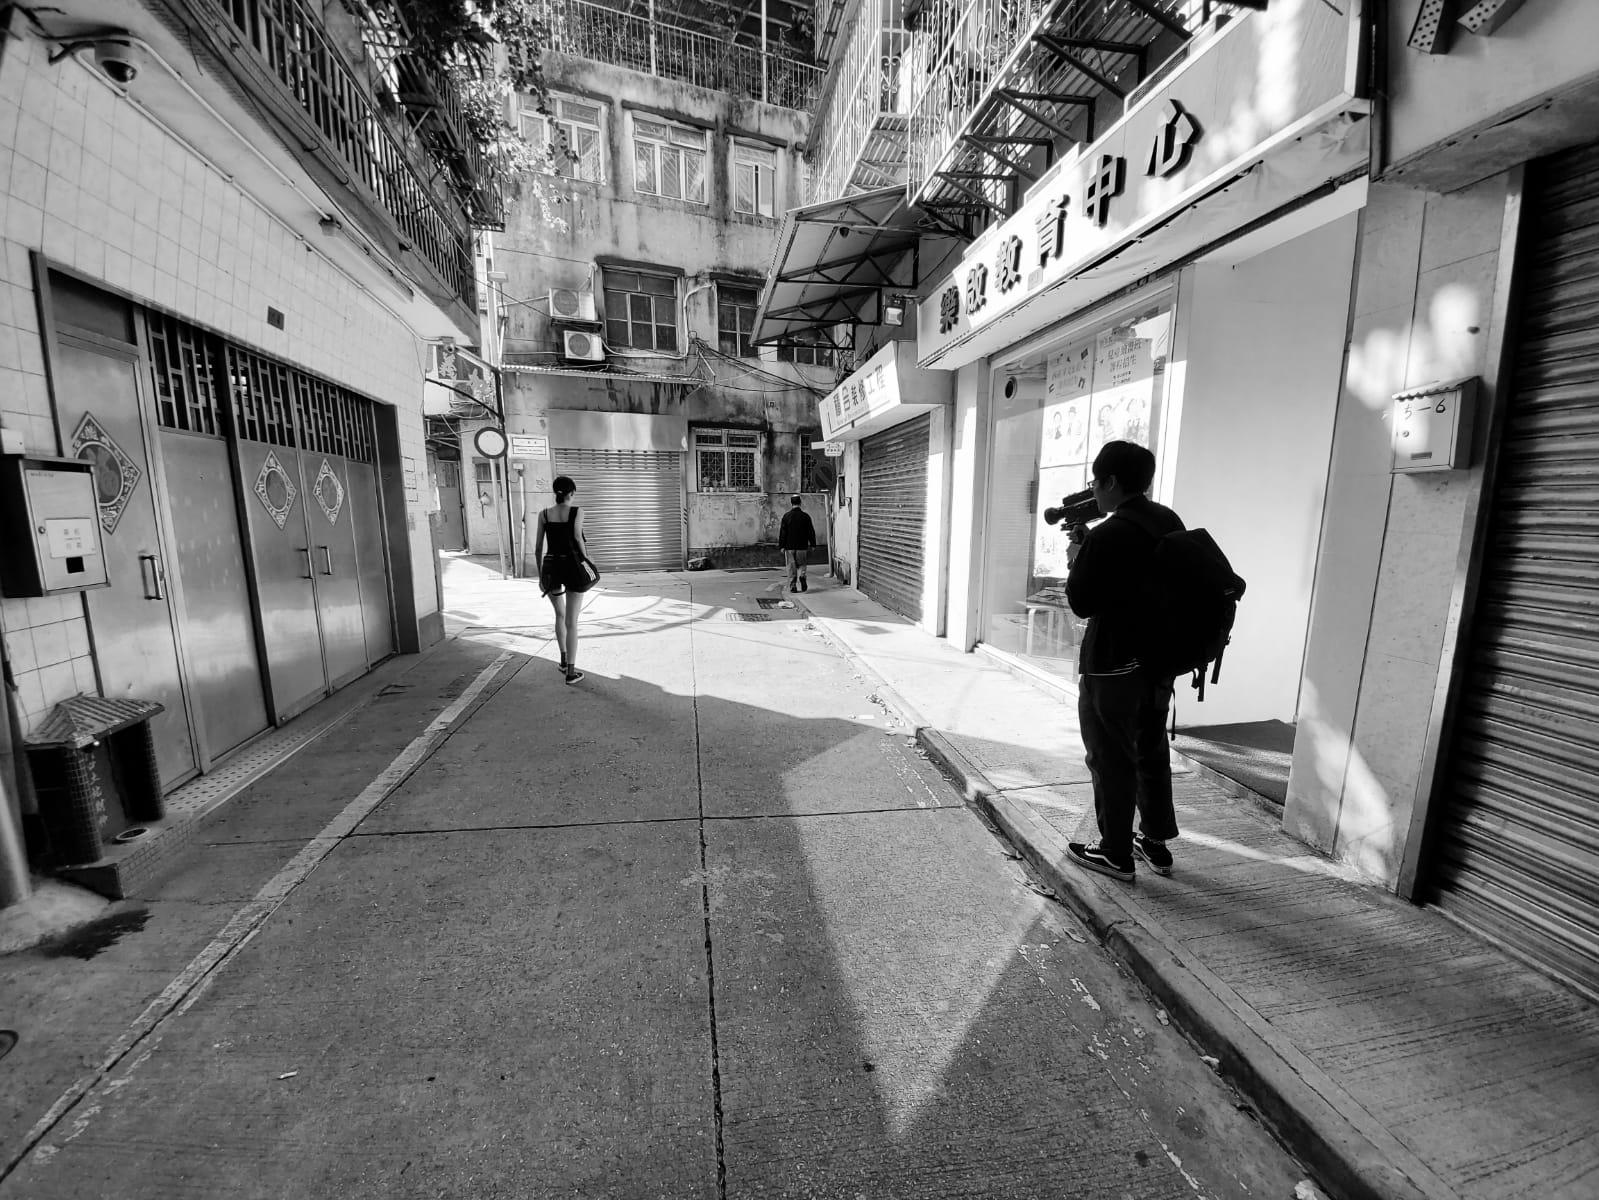 Cinema   Tracy Choi filma nova película com câmara Super 8 para festival no Porto